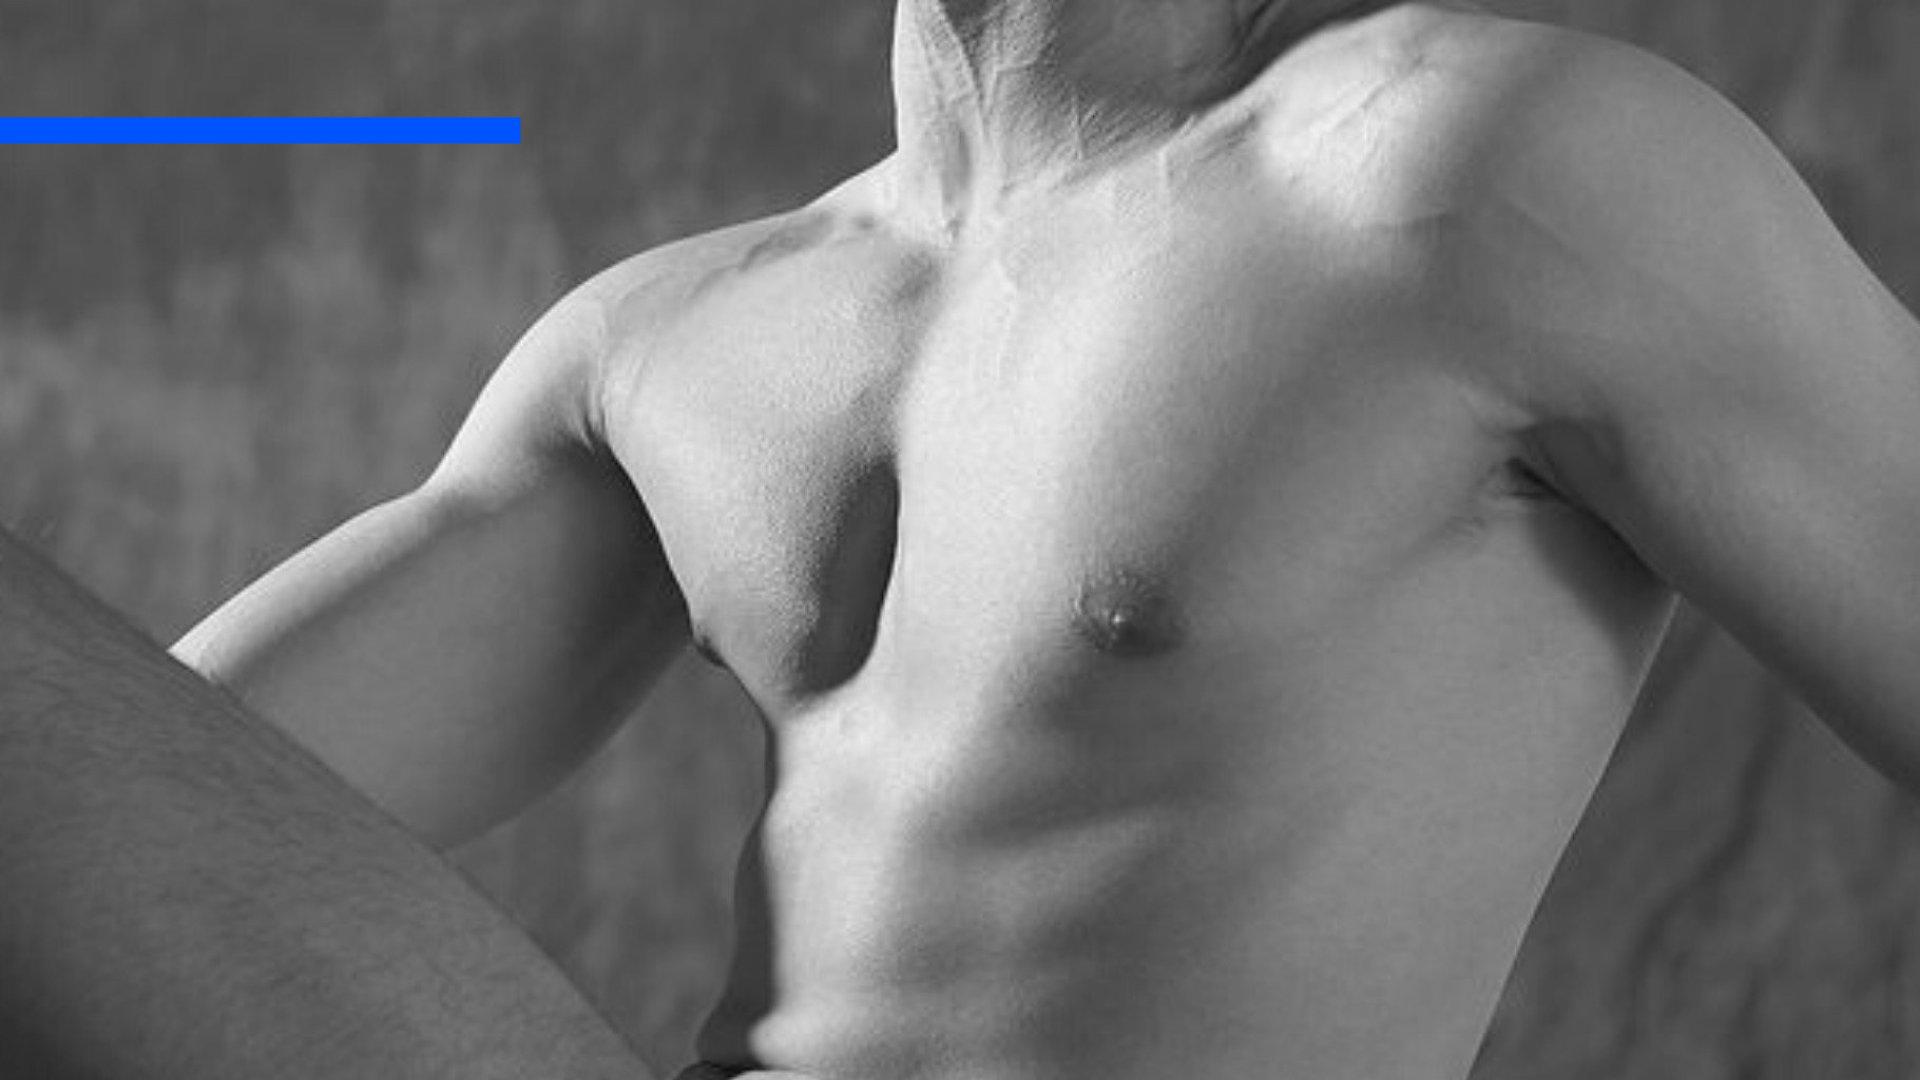 jogos pratimai erekcijai padidinti normalus varpos dydis 13 metu